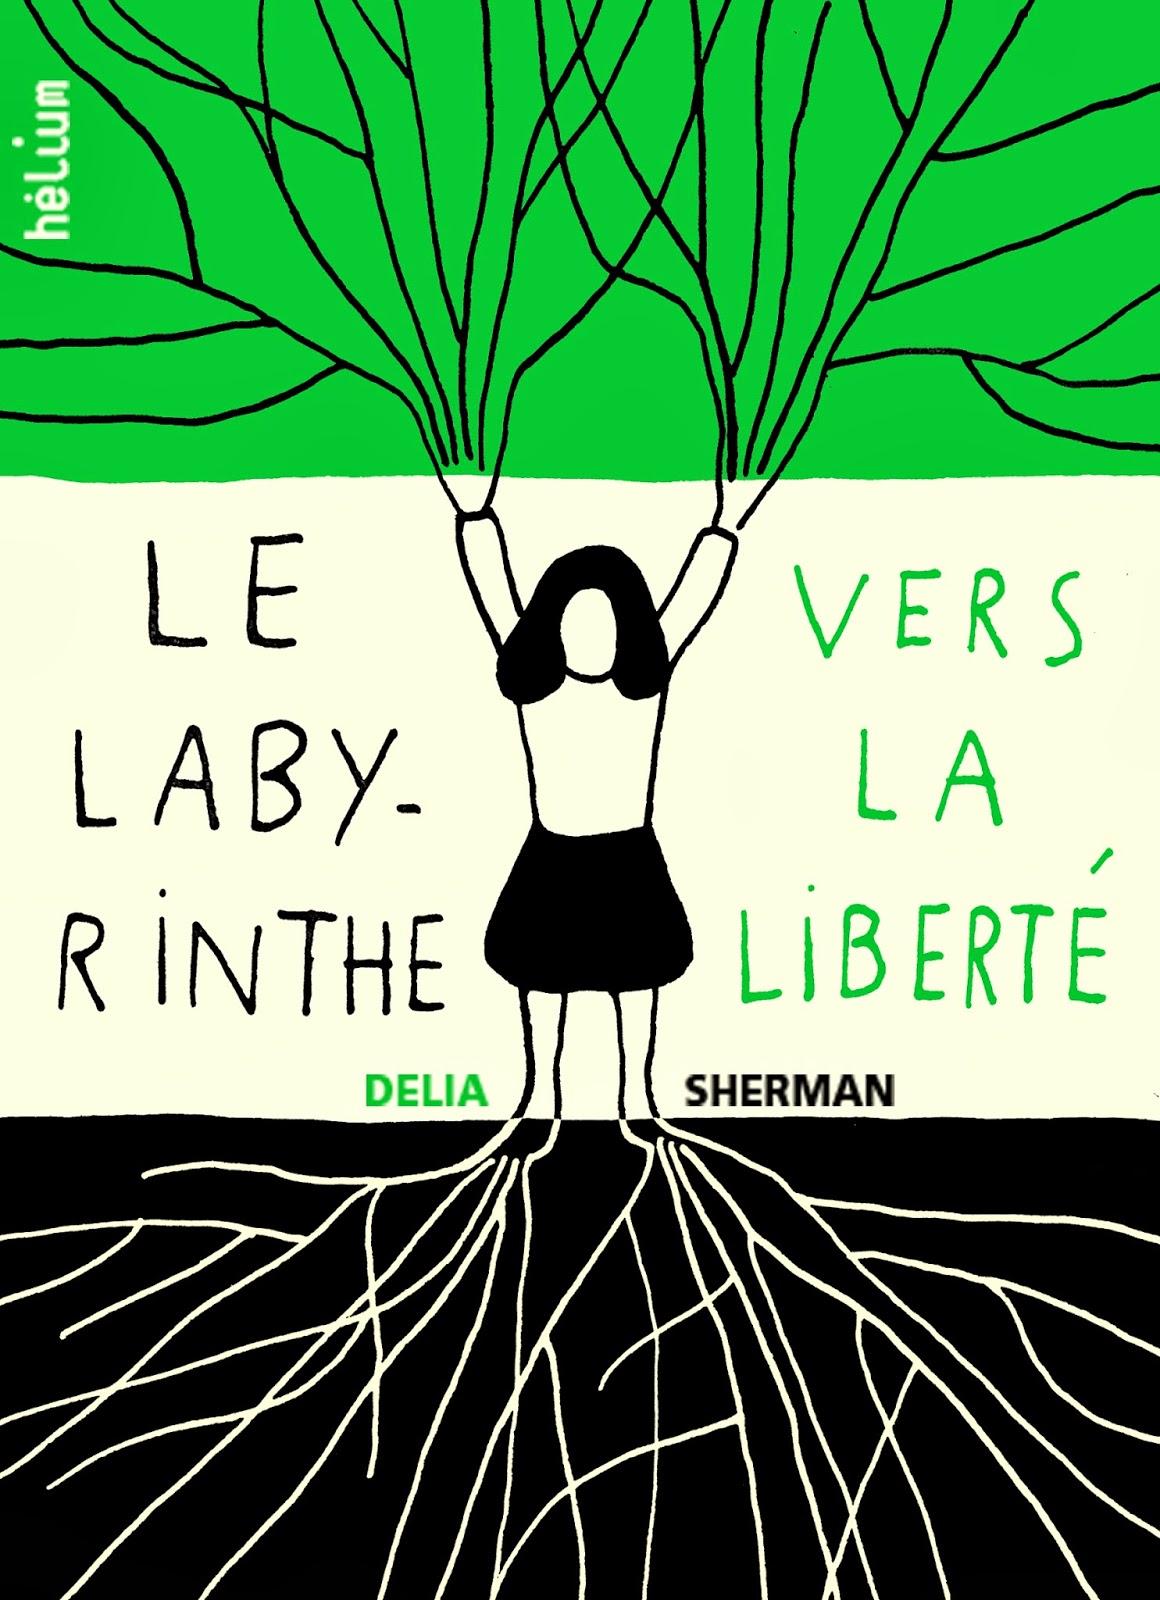 Le labyrinthe vers la liberté  - Dehlia ShermanHelium, 2014 - Prix : 14,50€ ISBN : 978-2-330-03054-4